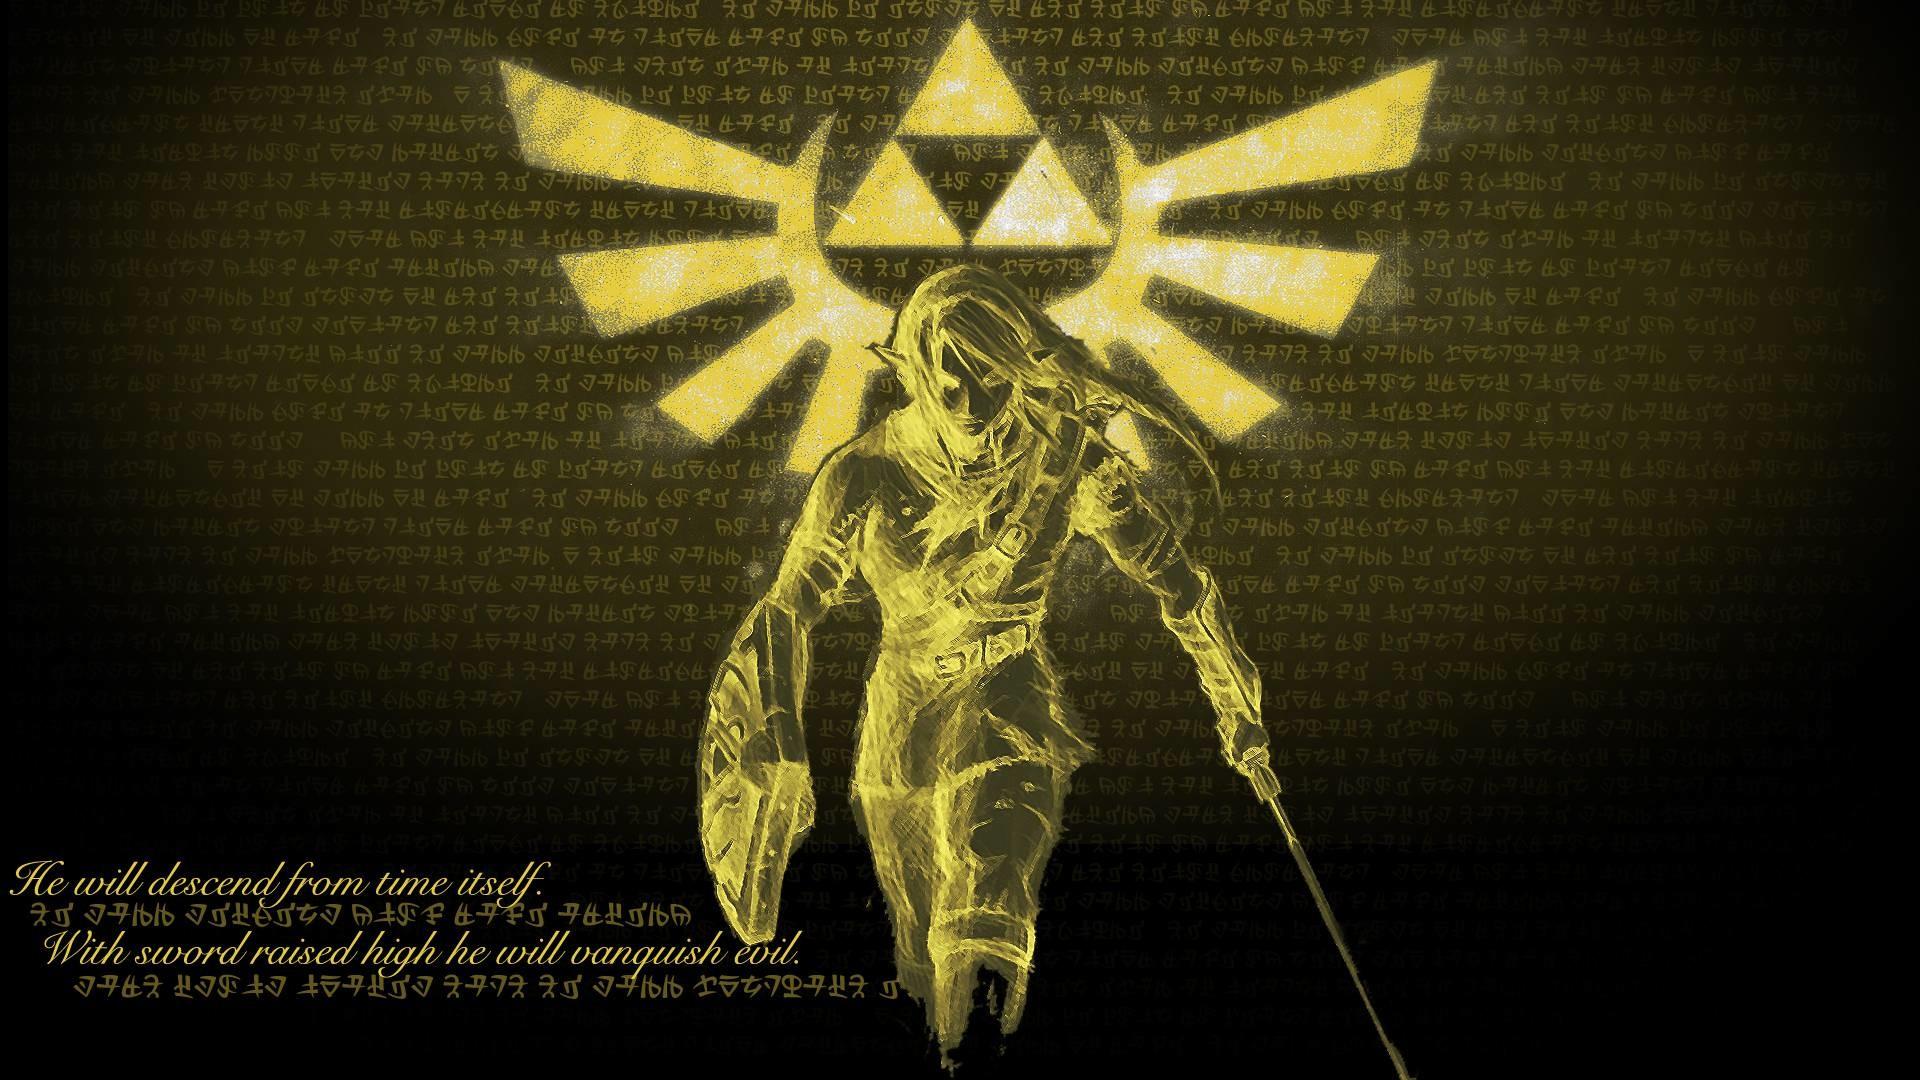 Wallpapers For > Zelda Triforce Iphone Wallpaper